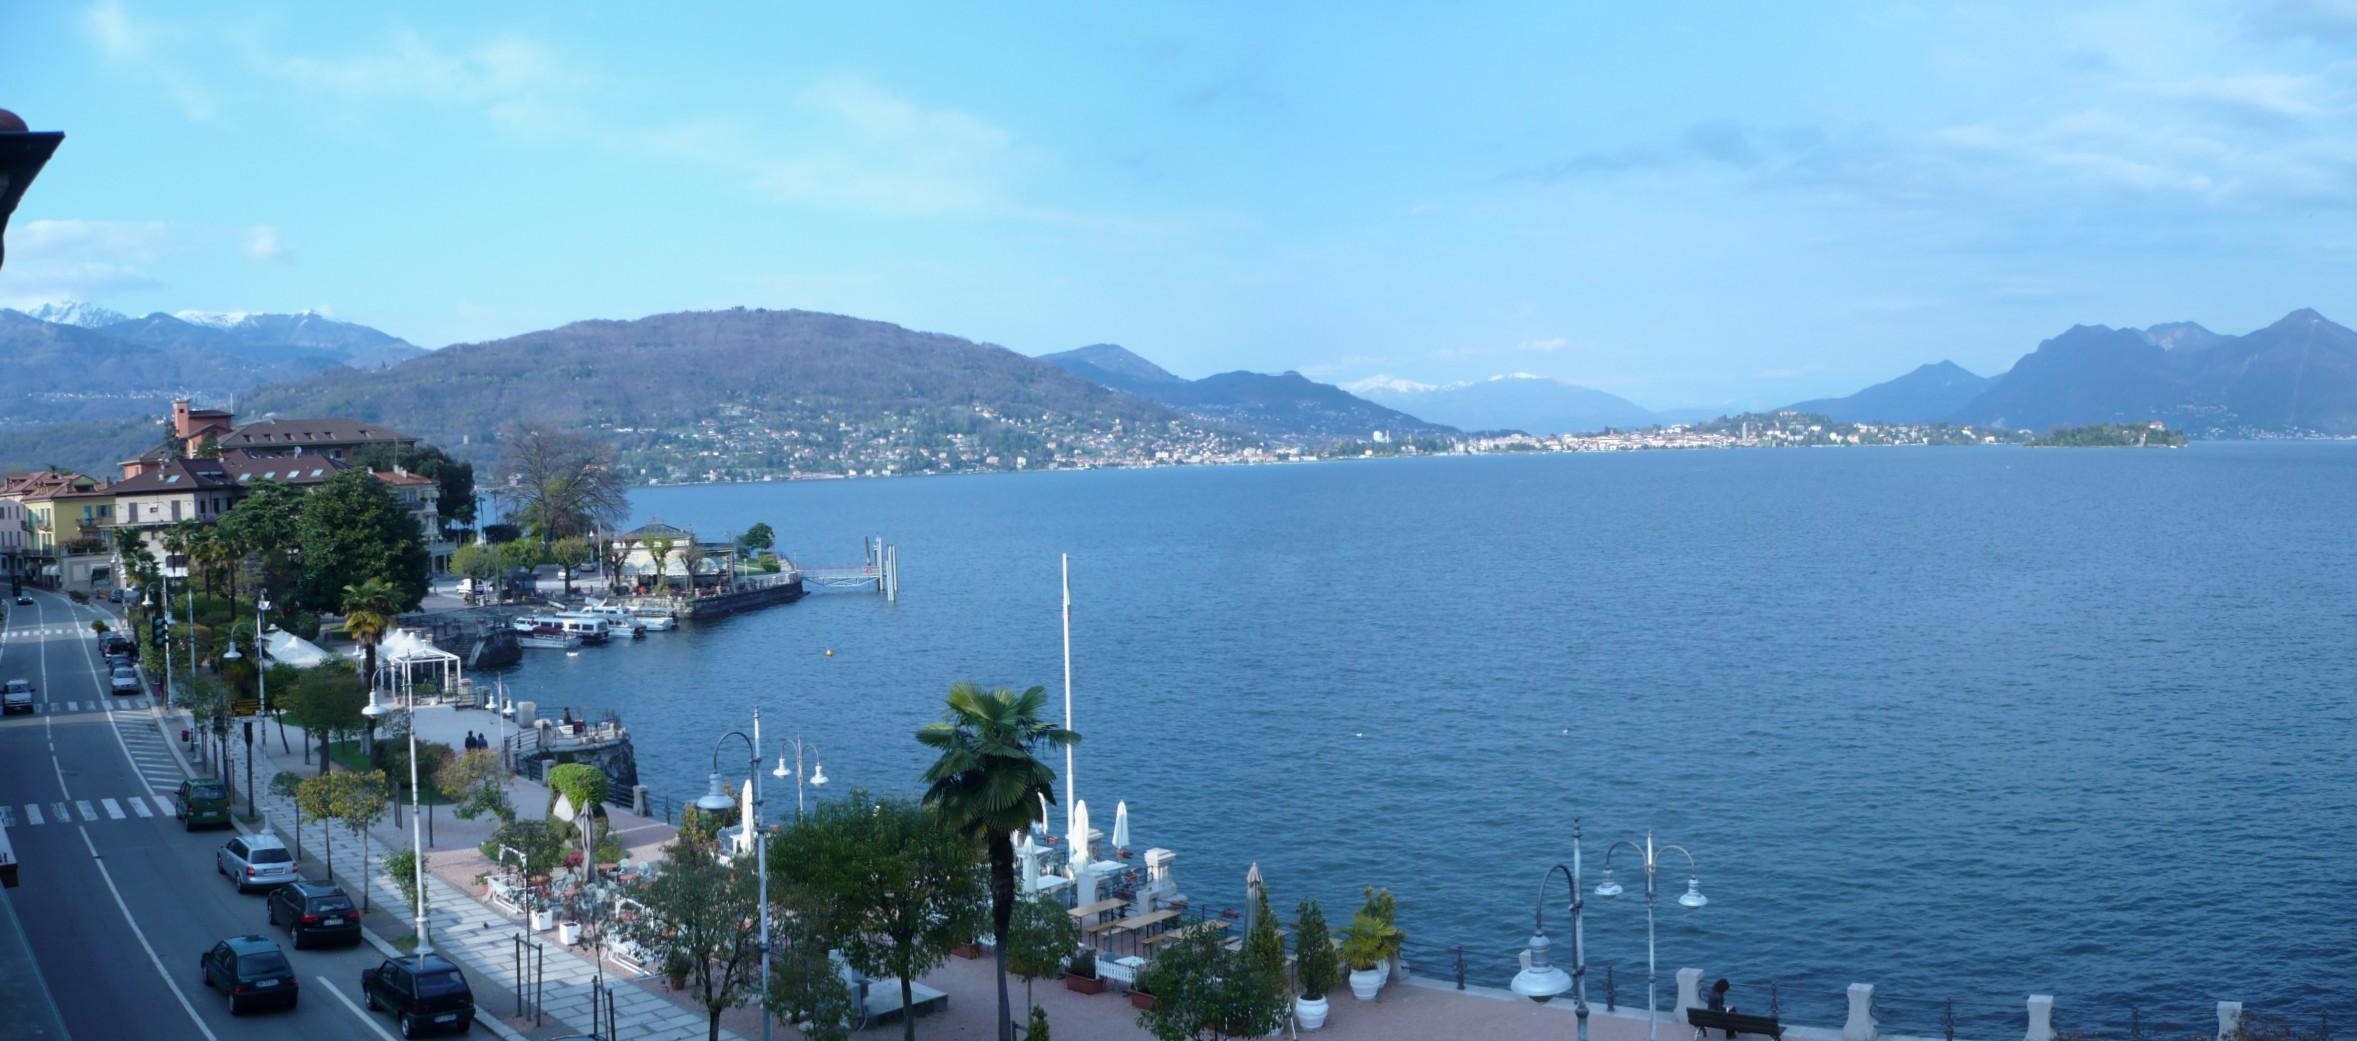 Baveno on lake Maggiore